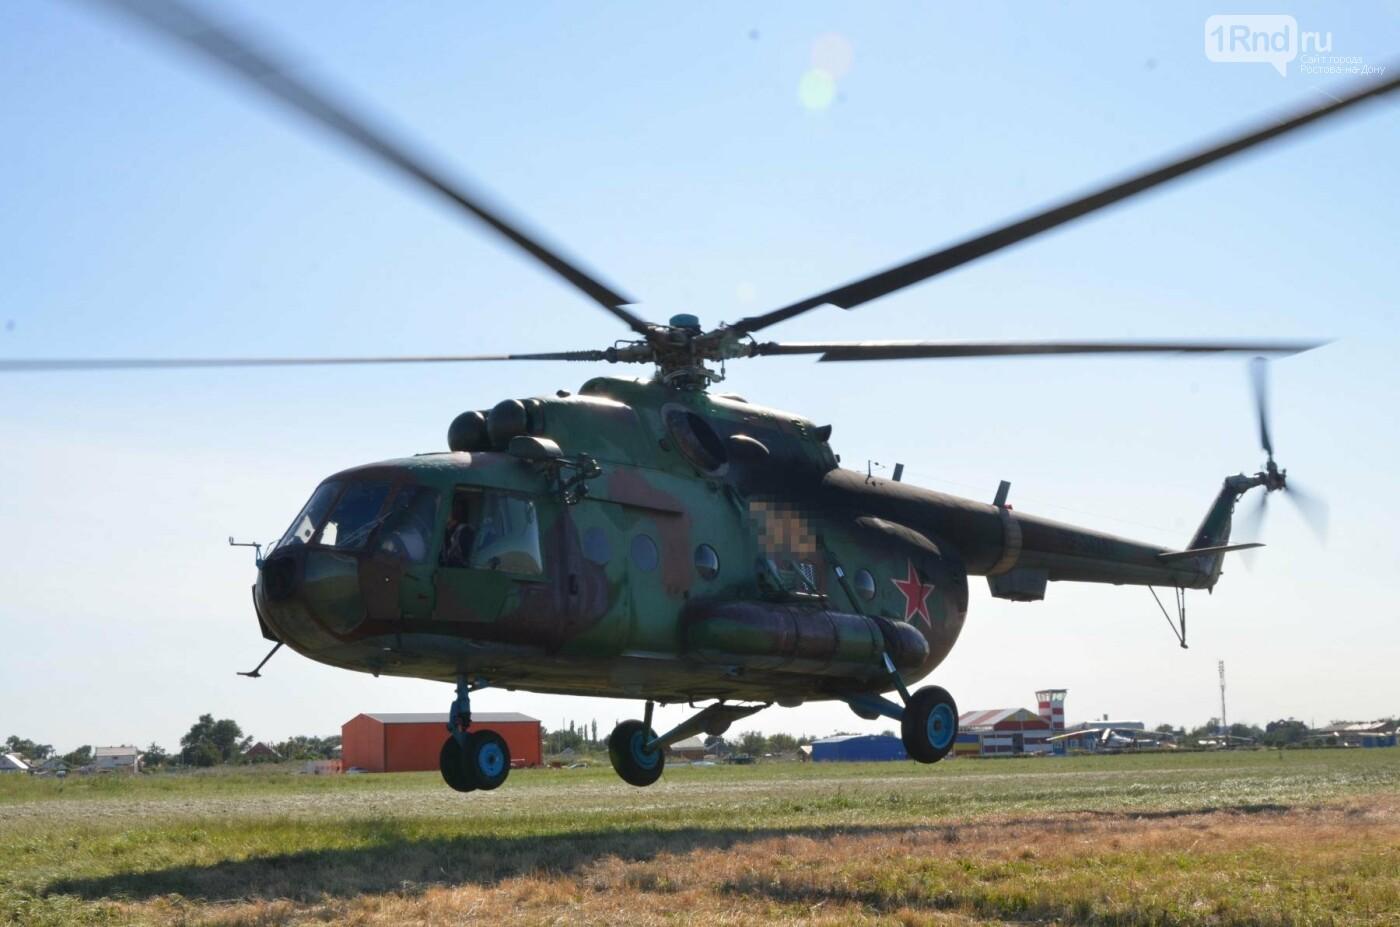 В Ростовской области проходит учебный сбор парашютистов, фото-6, Фото: Александр Барабашов